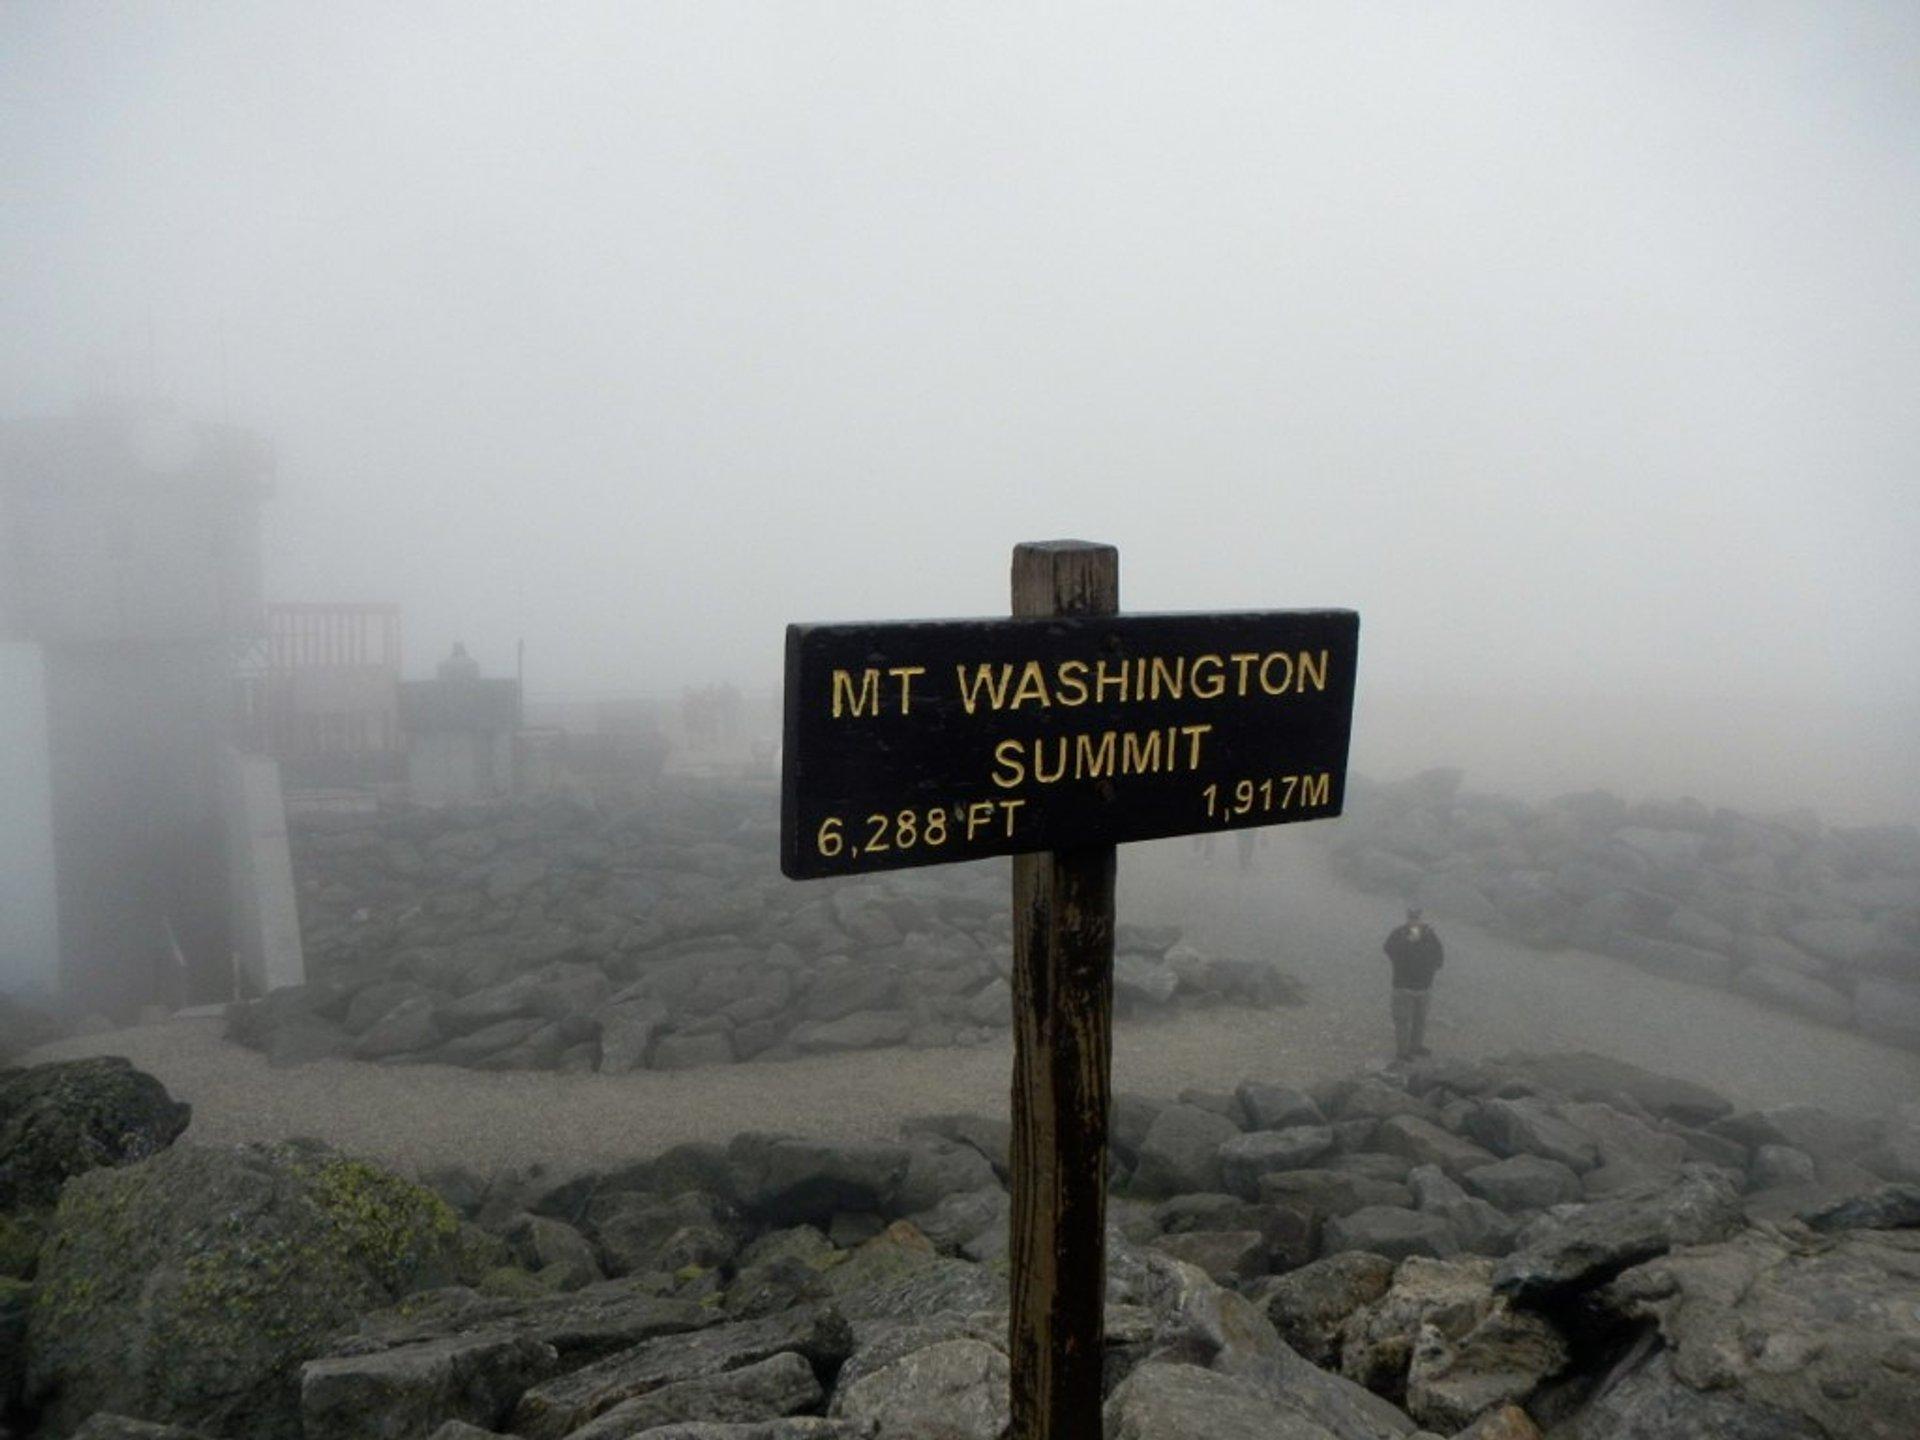 Mount Washington Summit 2020